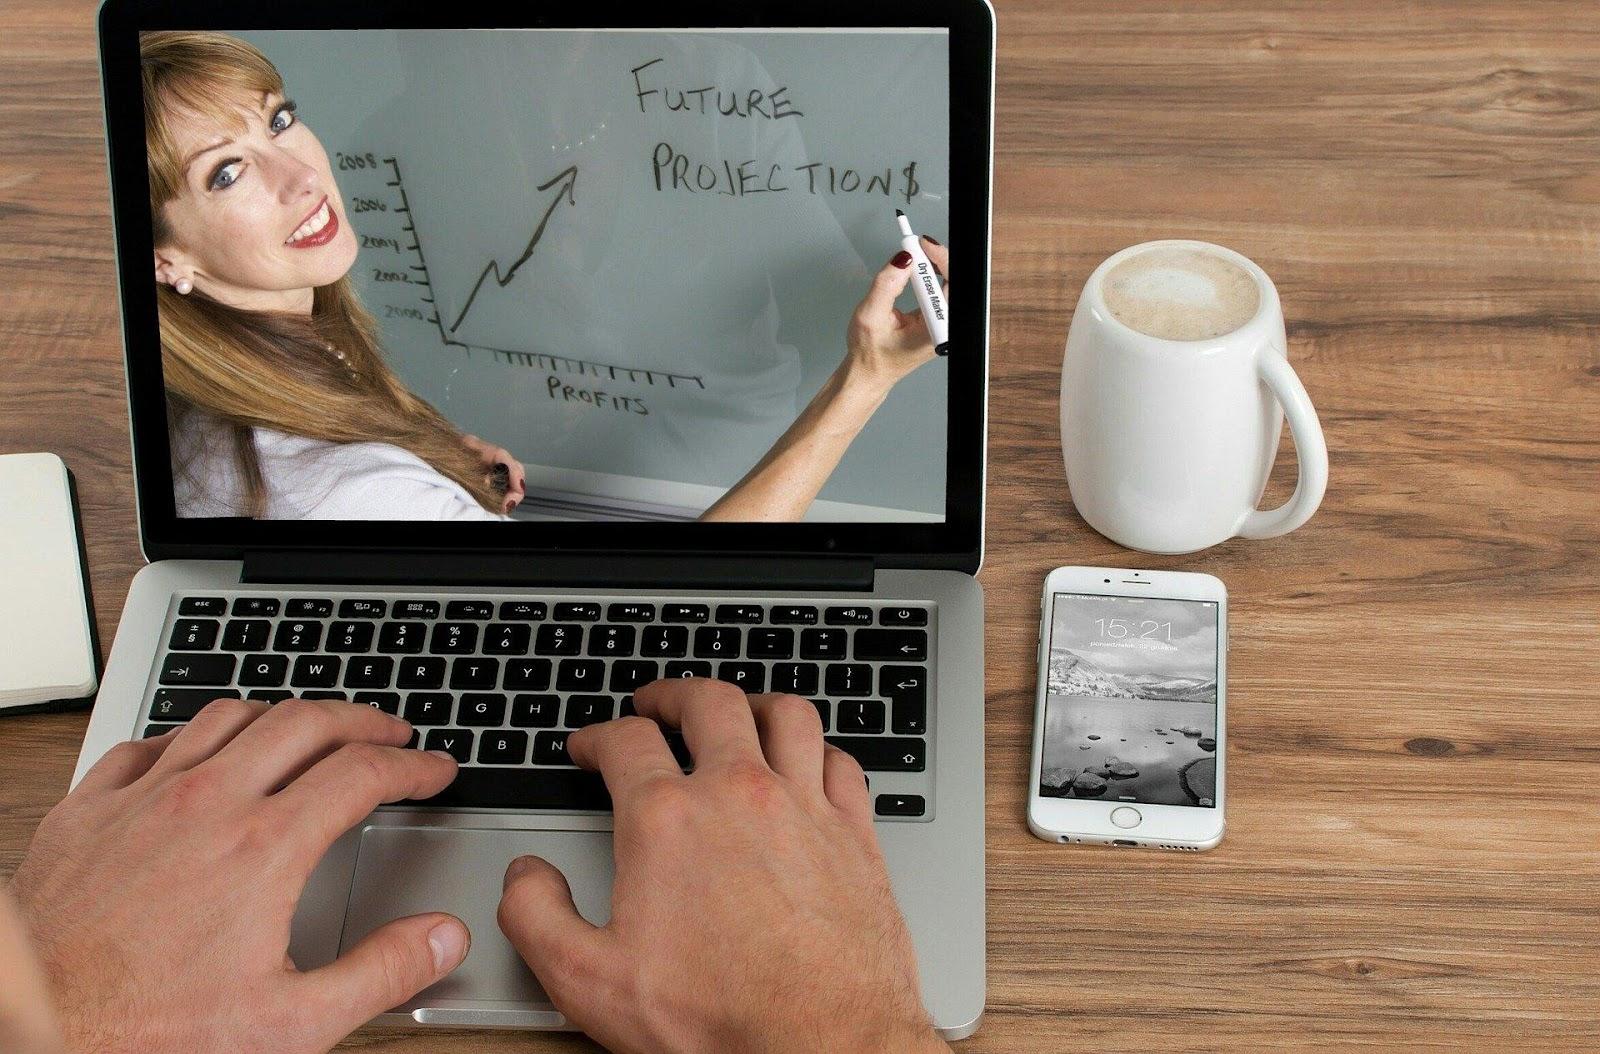 Immagine che contiene persona, portatile, elettronico, computer  Descrizione generata automaticamente